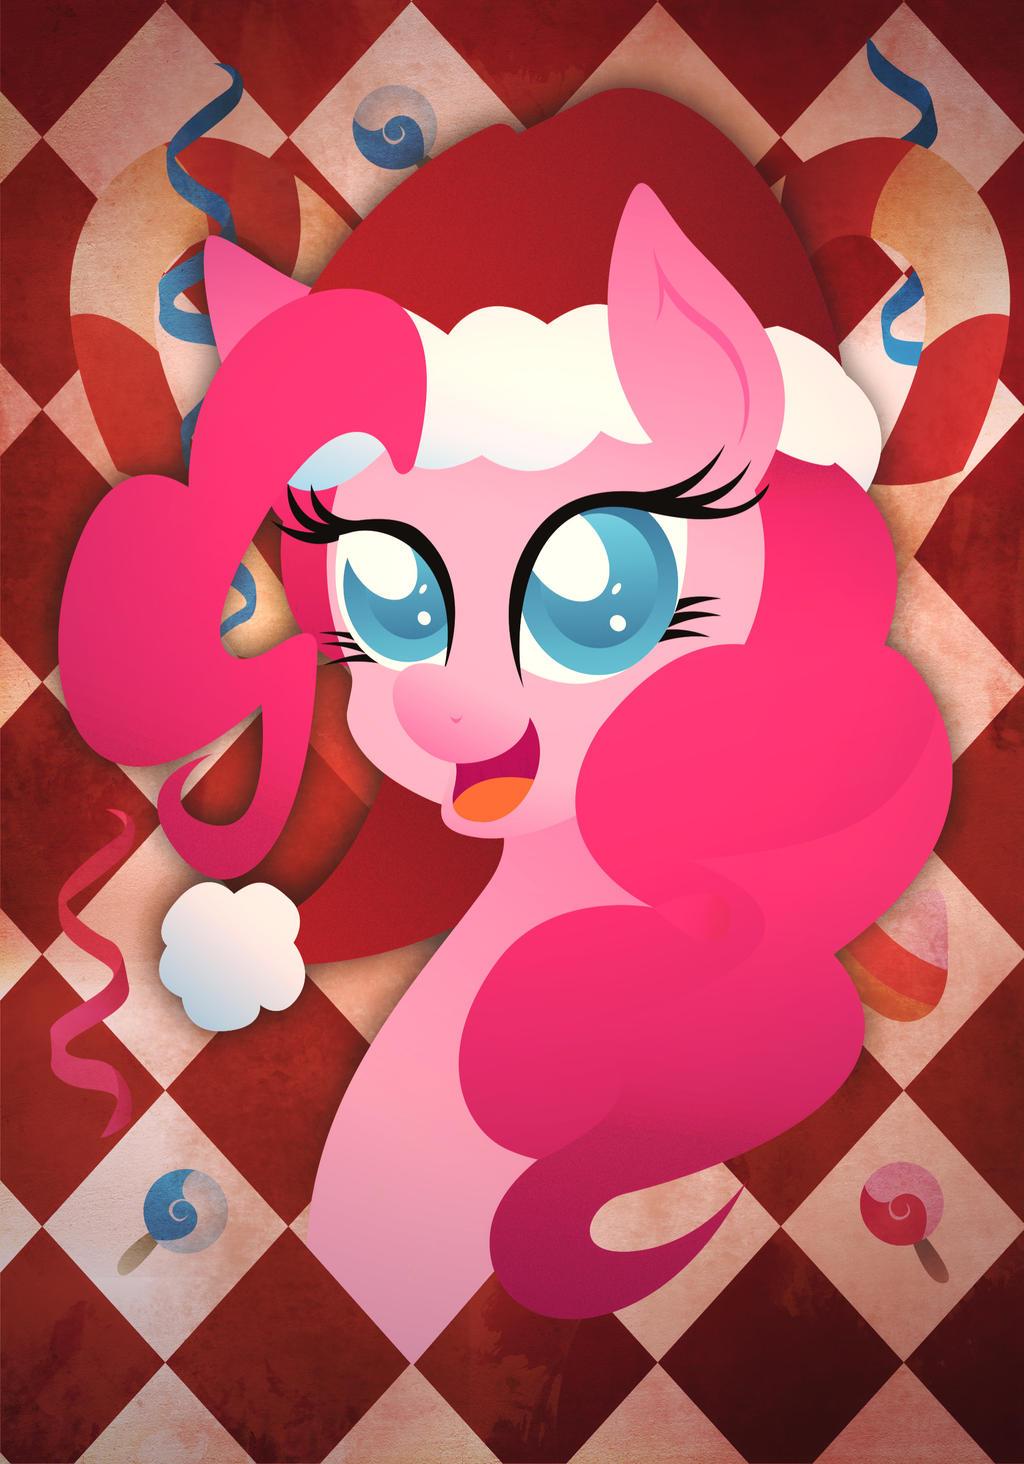 Christmas Card - Pinkie Pie by Rariedash